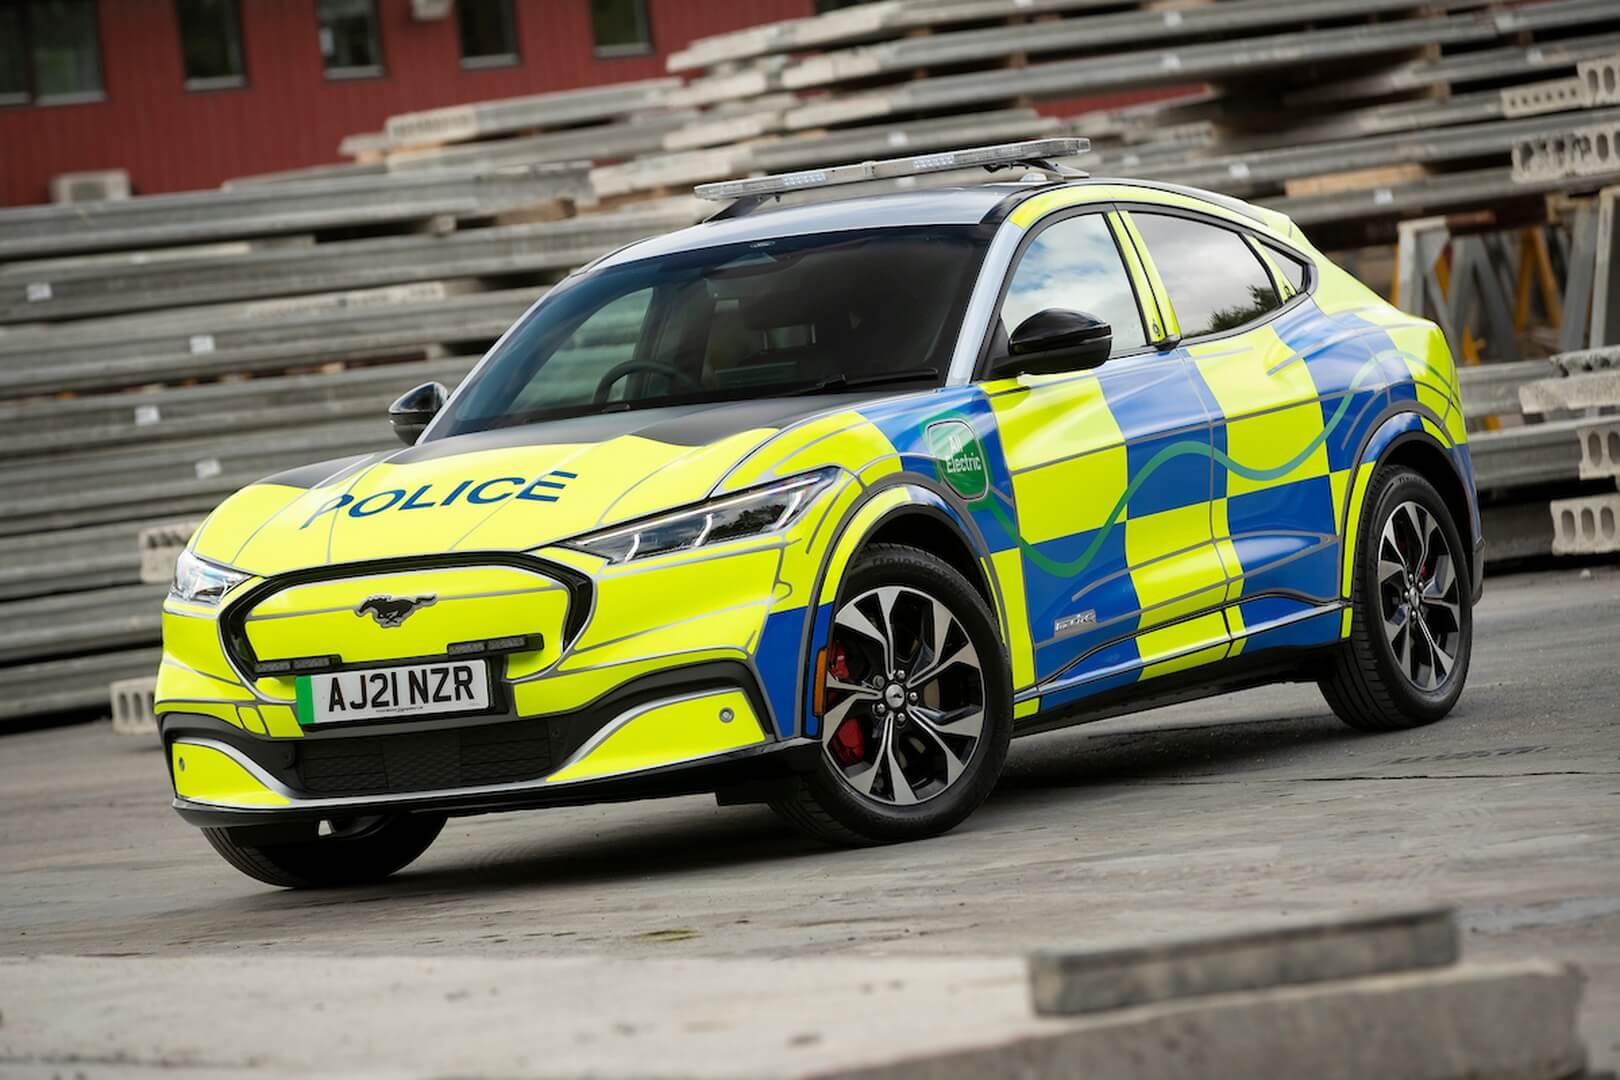 Ford Mustang Mach-E хорошо выглядит в образе британской полицейской машины